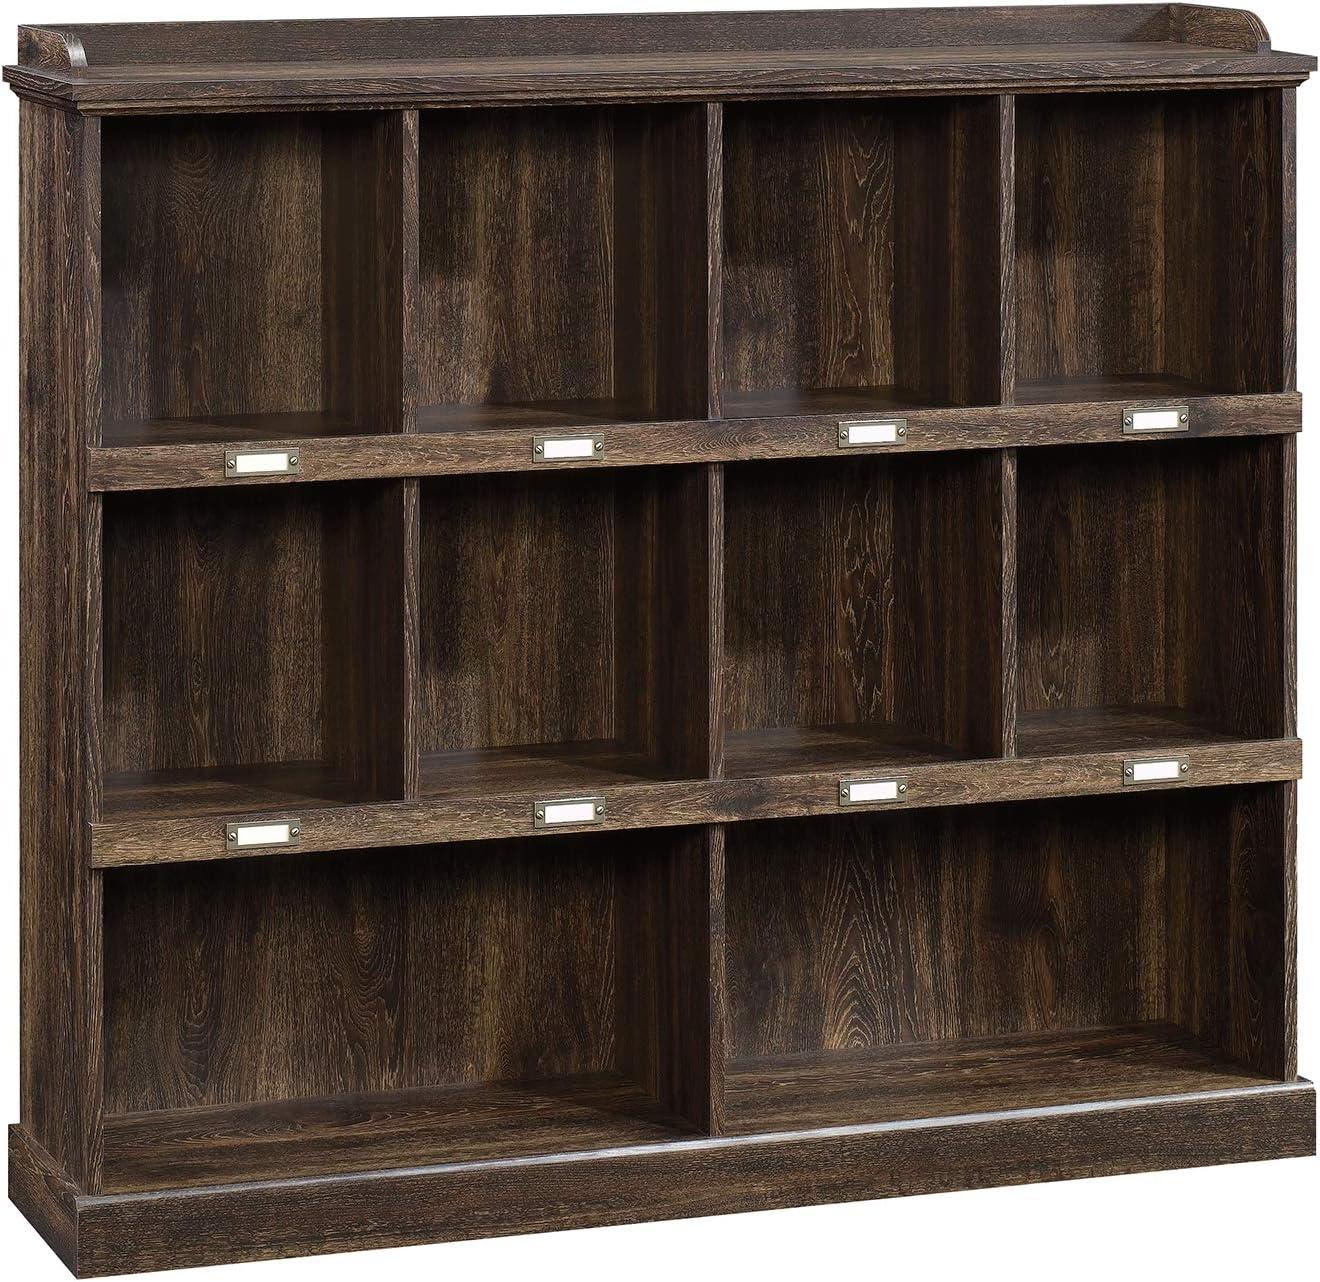 """Sauder 422717 Barrister Lane Bookcase, L: 52.84"""" x W: 12.80"""" x H: 47.60"""", Iron Oak finish"""